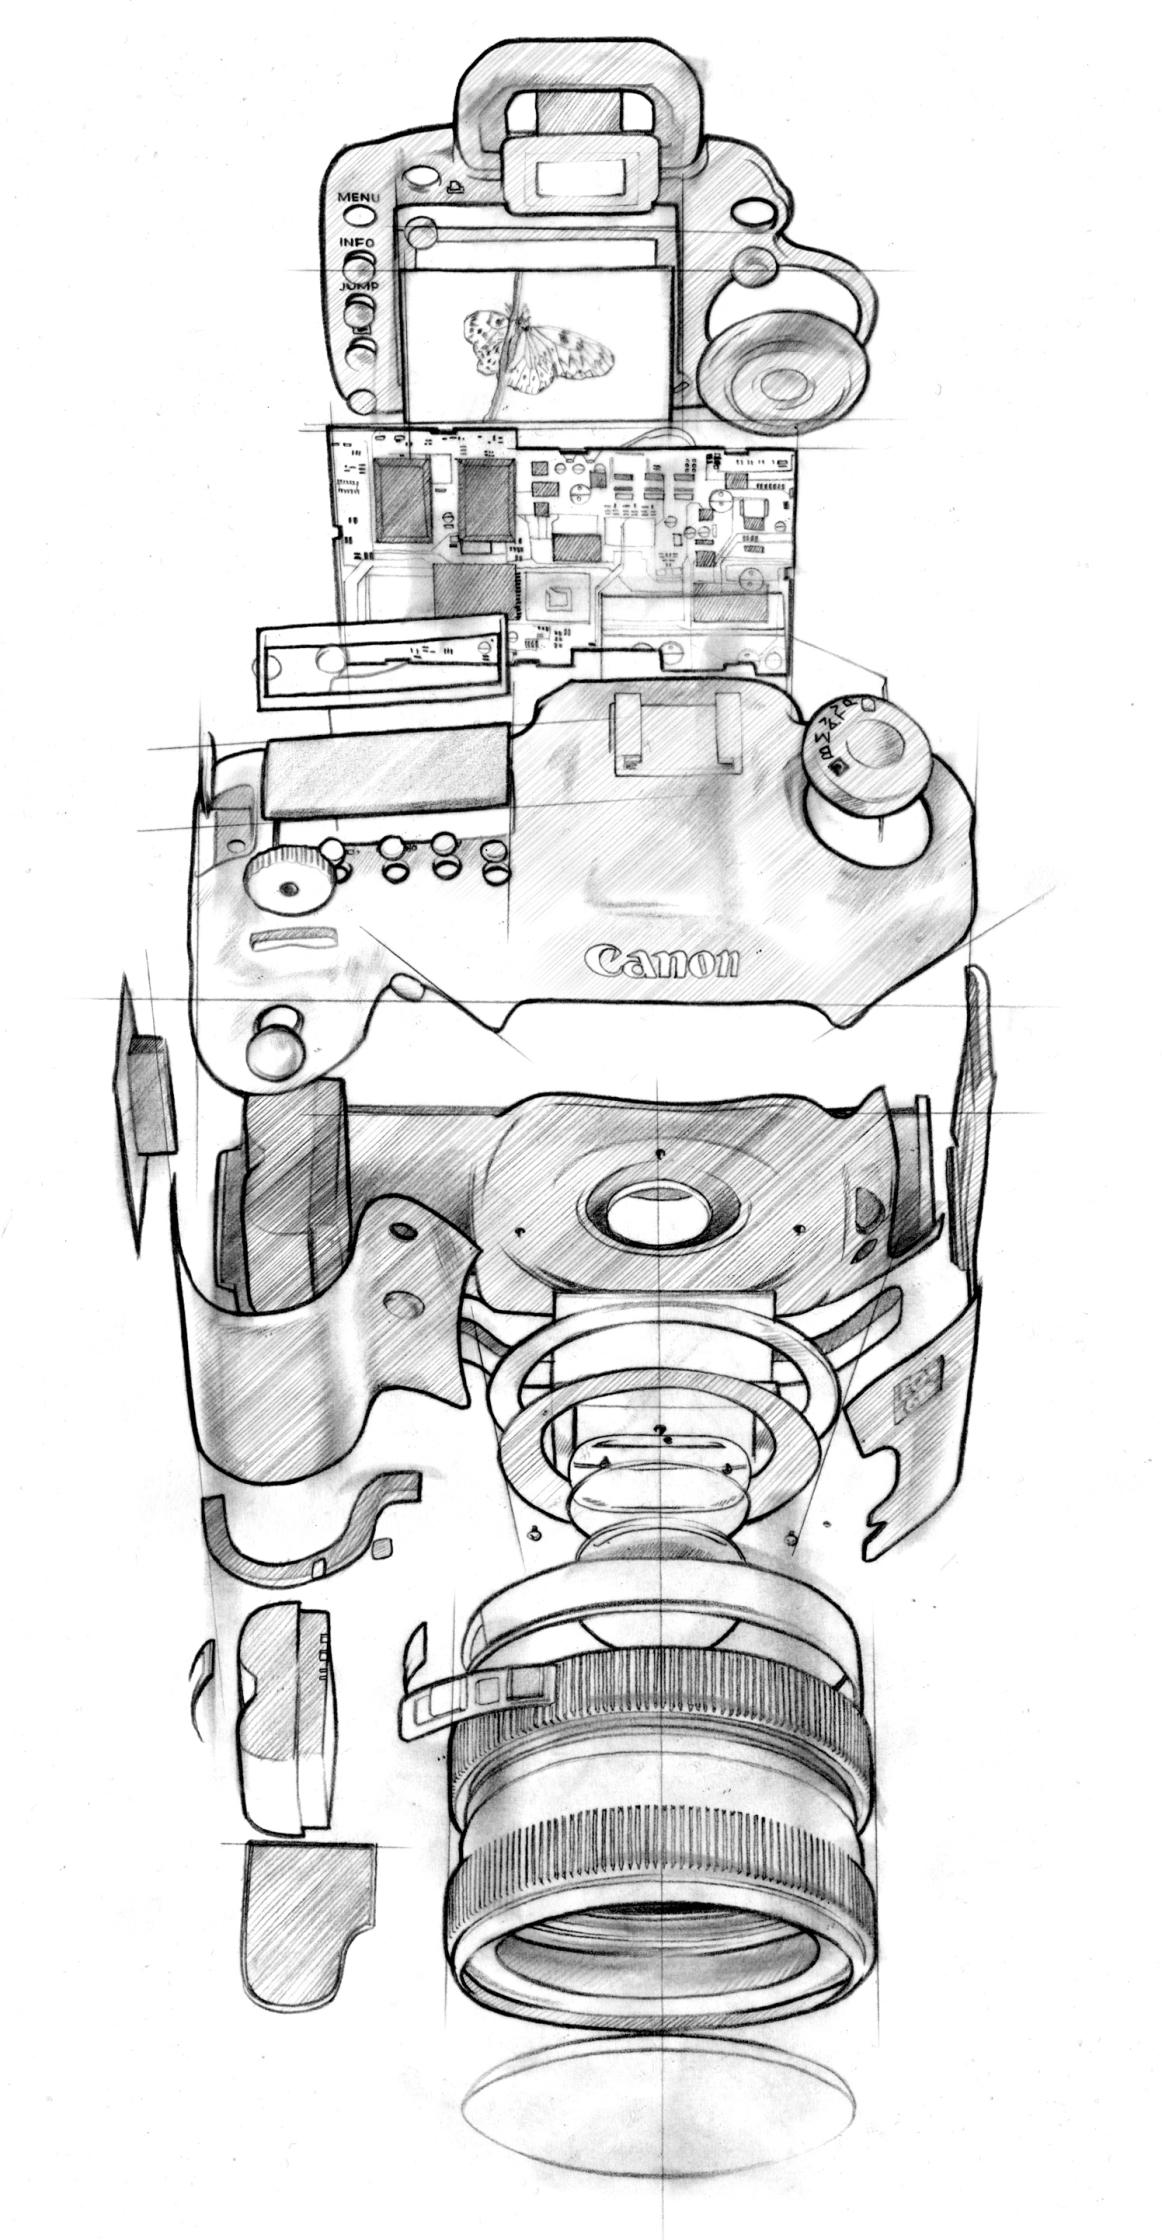 Cannon SLR / Dorling Kindersley